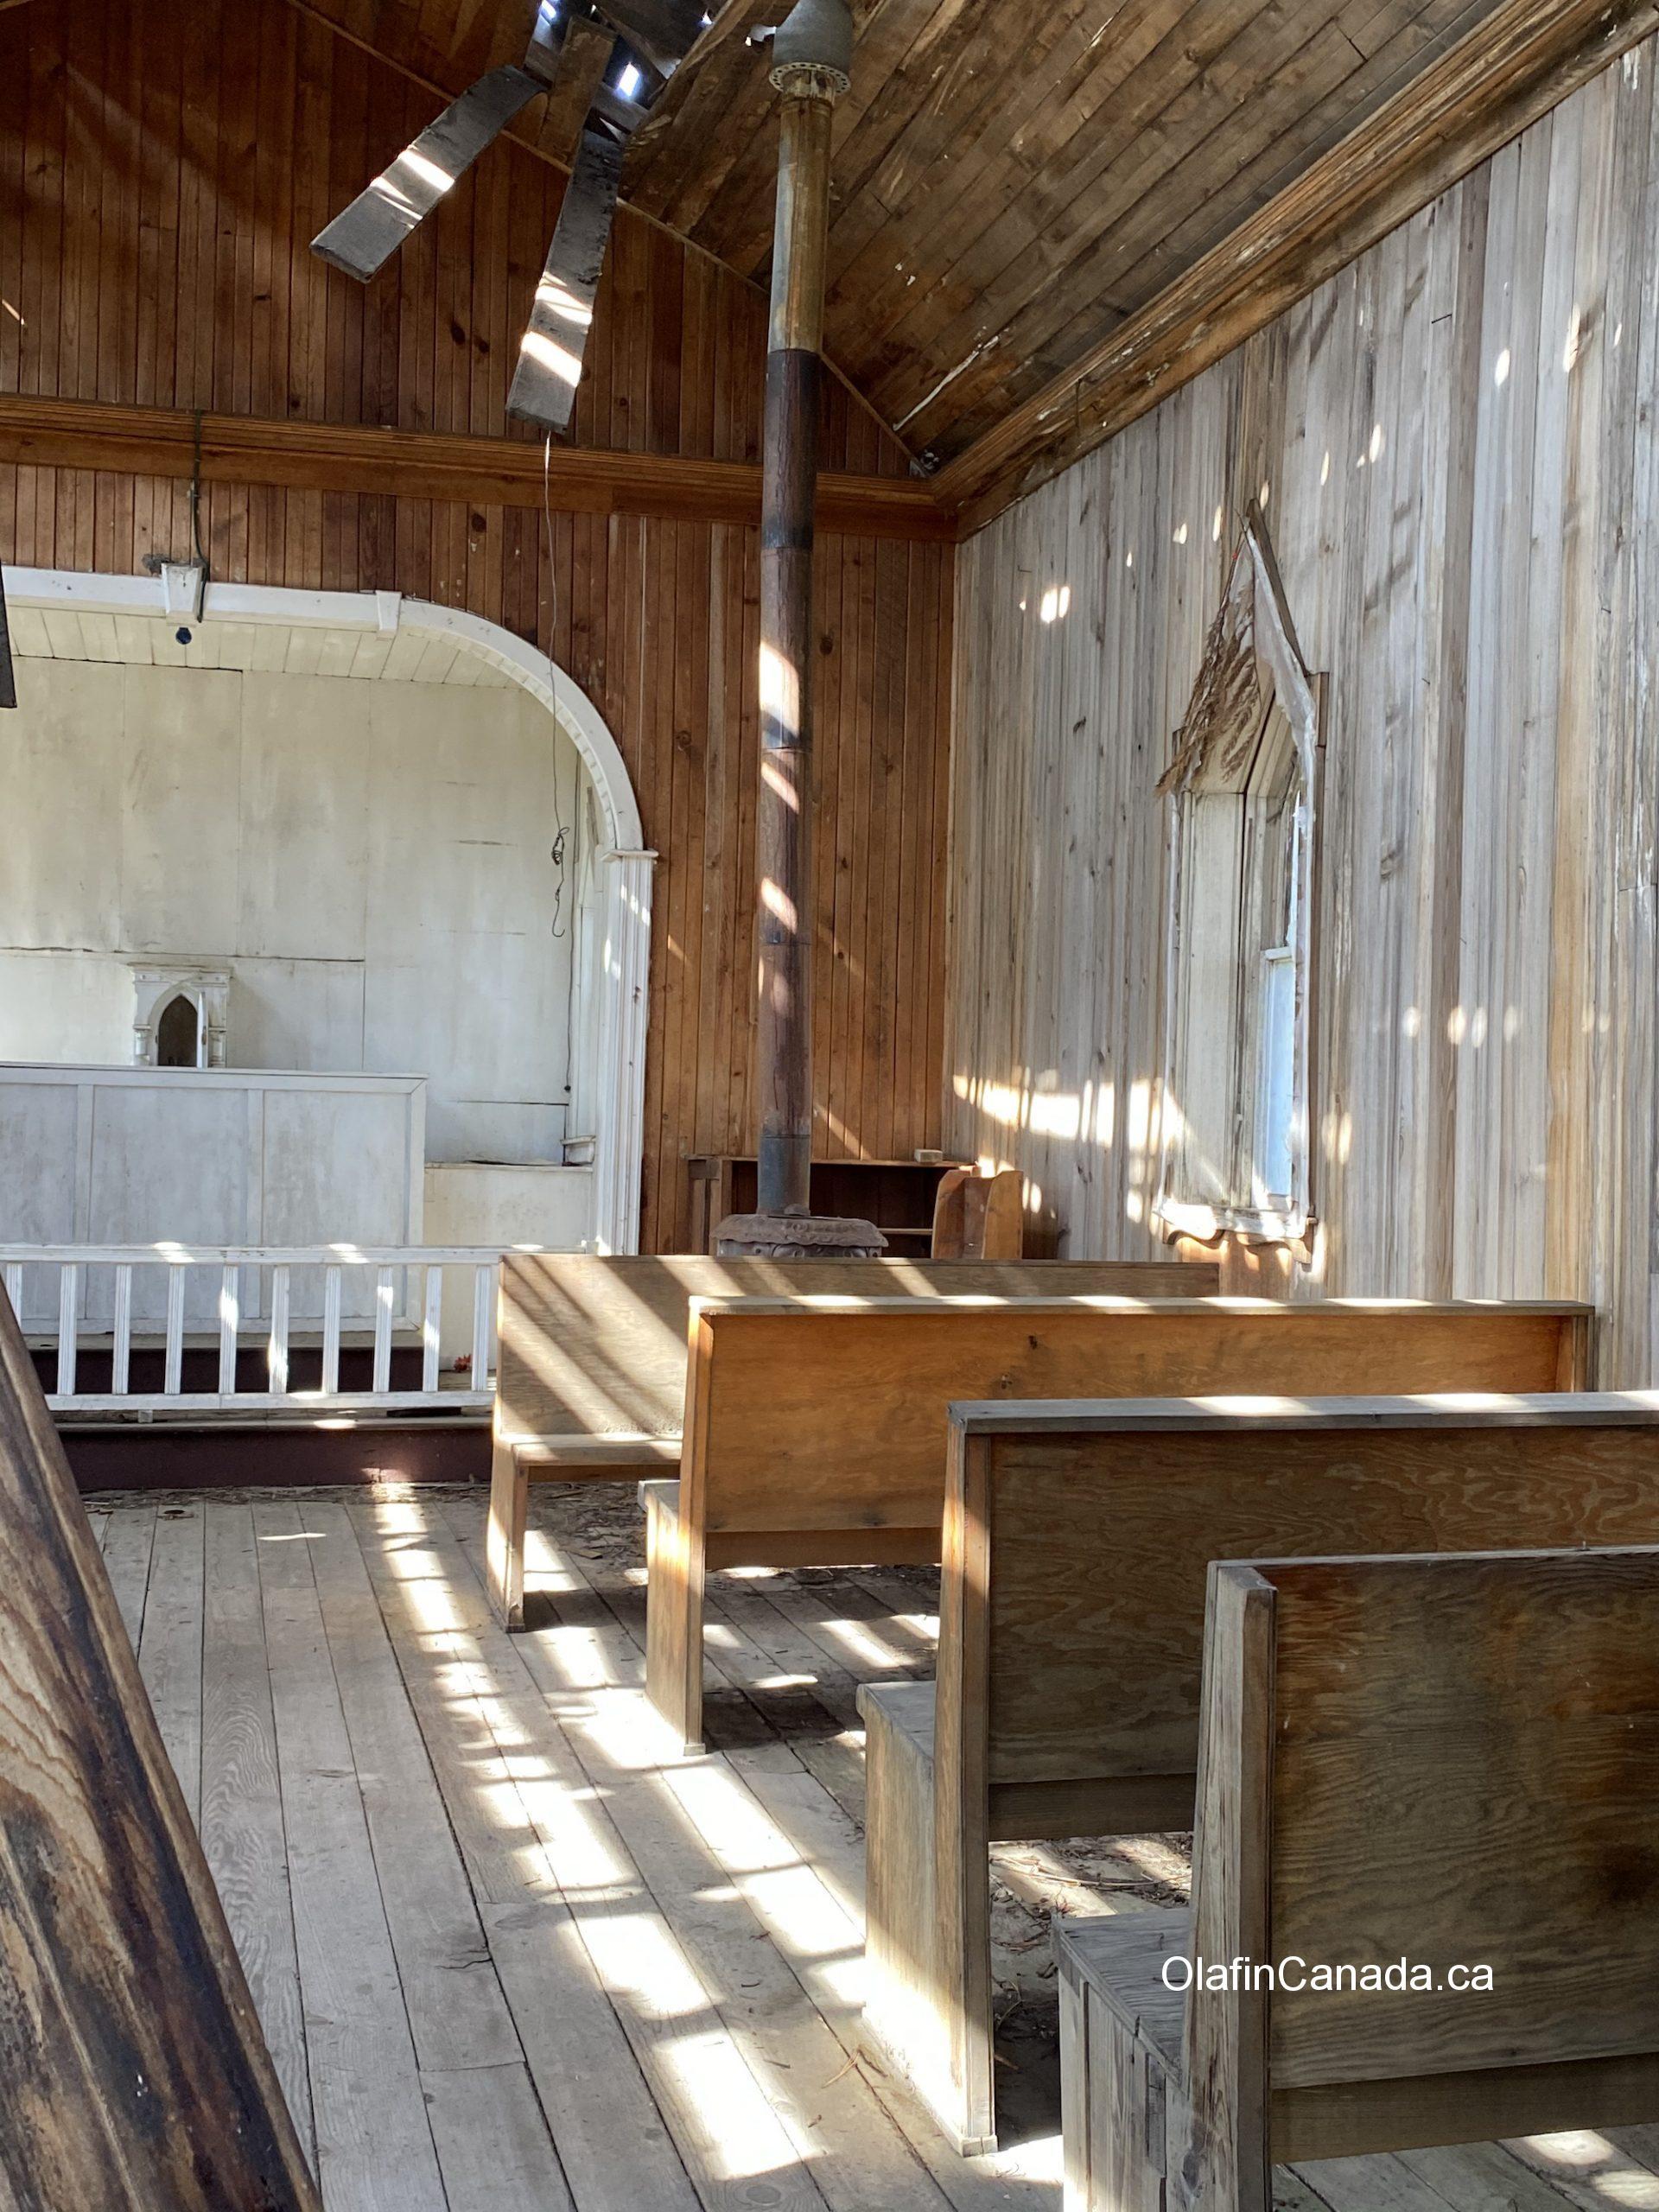 Old church on Westside Road near Killiney Beach #olafincanada #britishcolumbia #discoverbc #abandonedbc #church